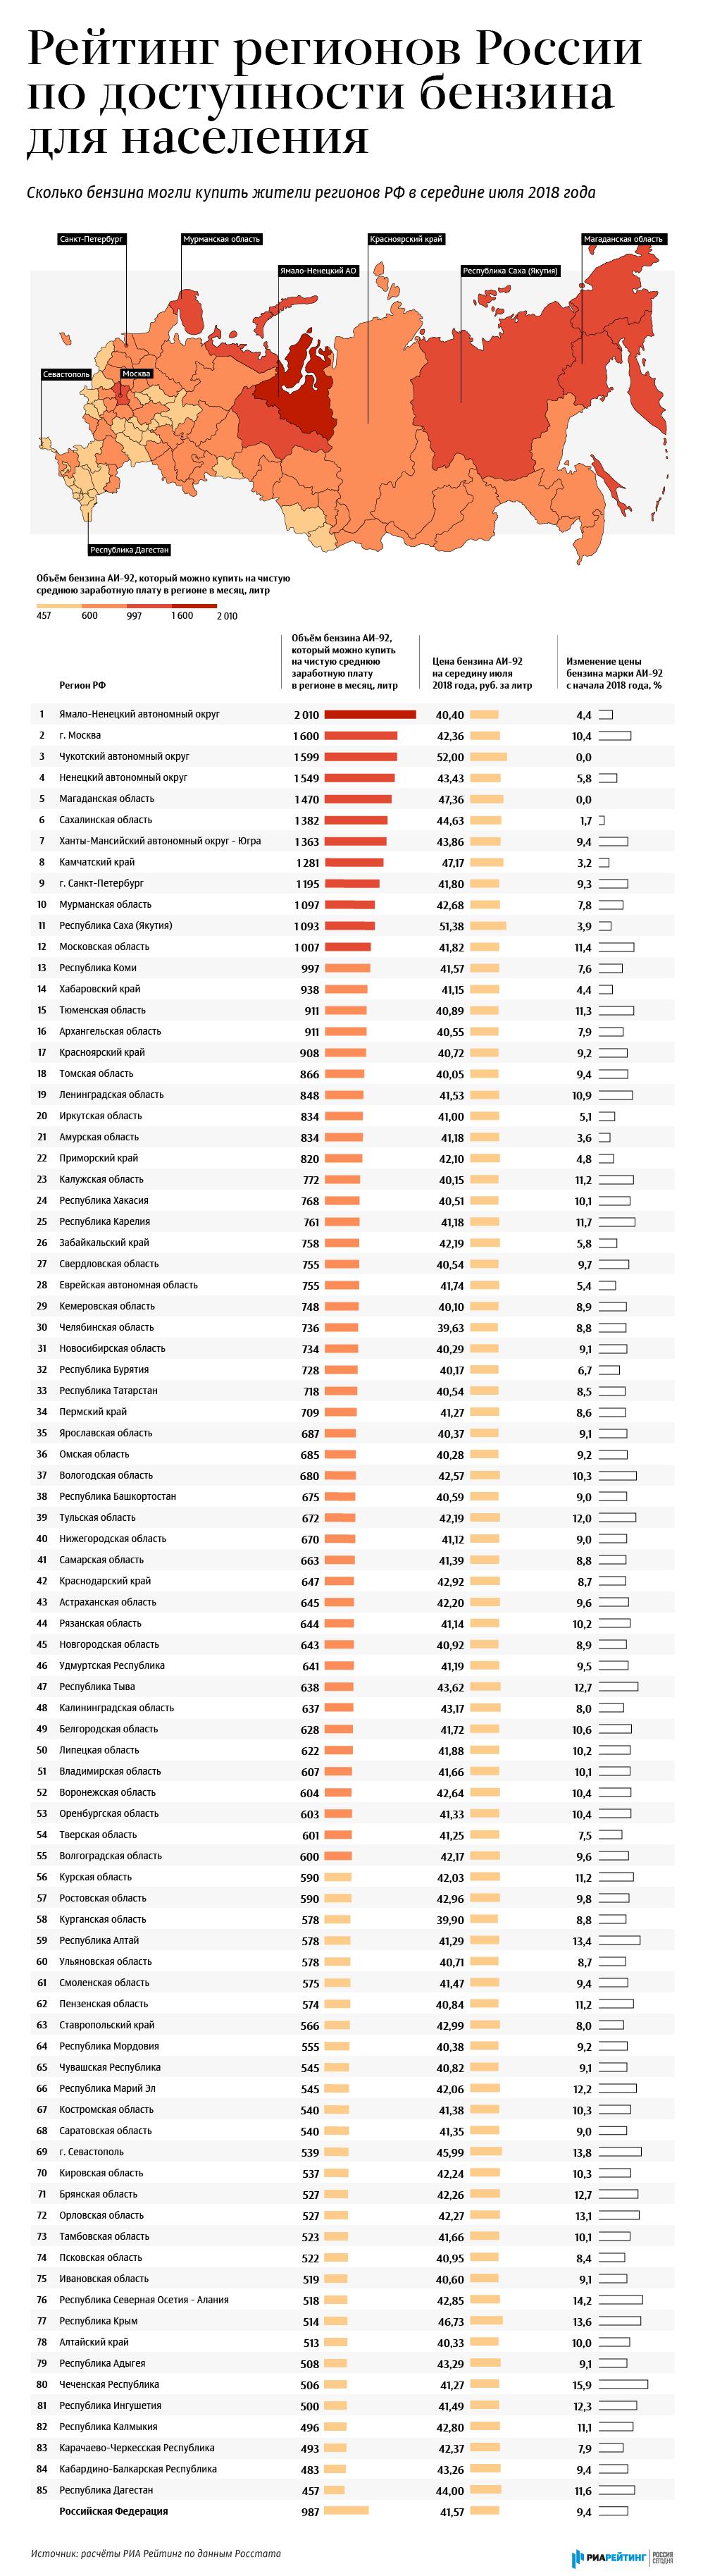 Рейтинг регионов России по доступности бензина для населения